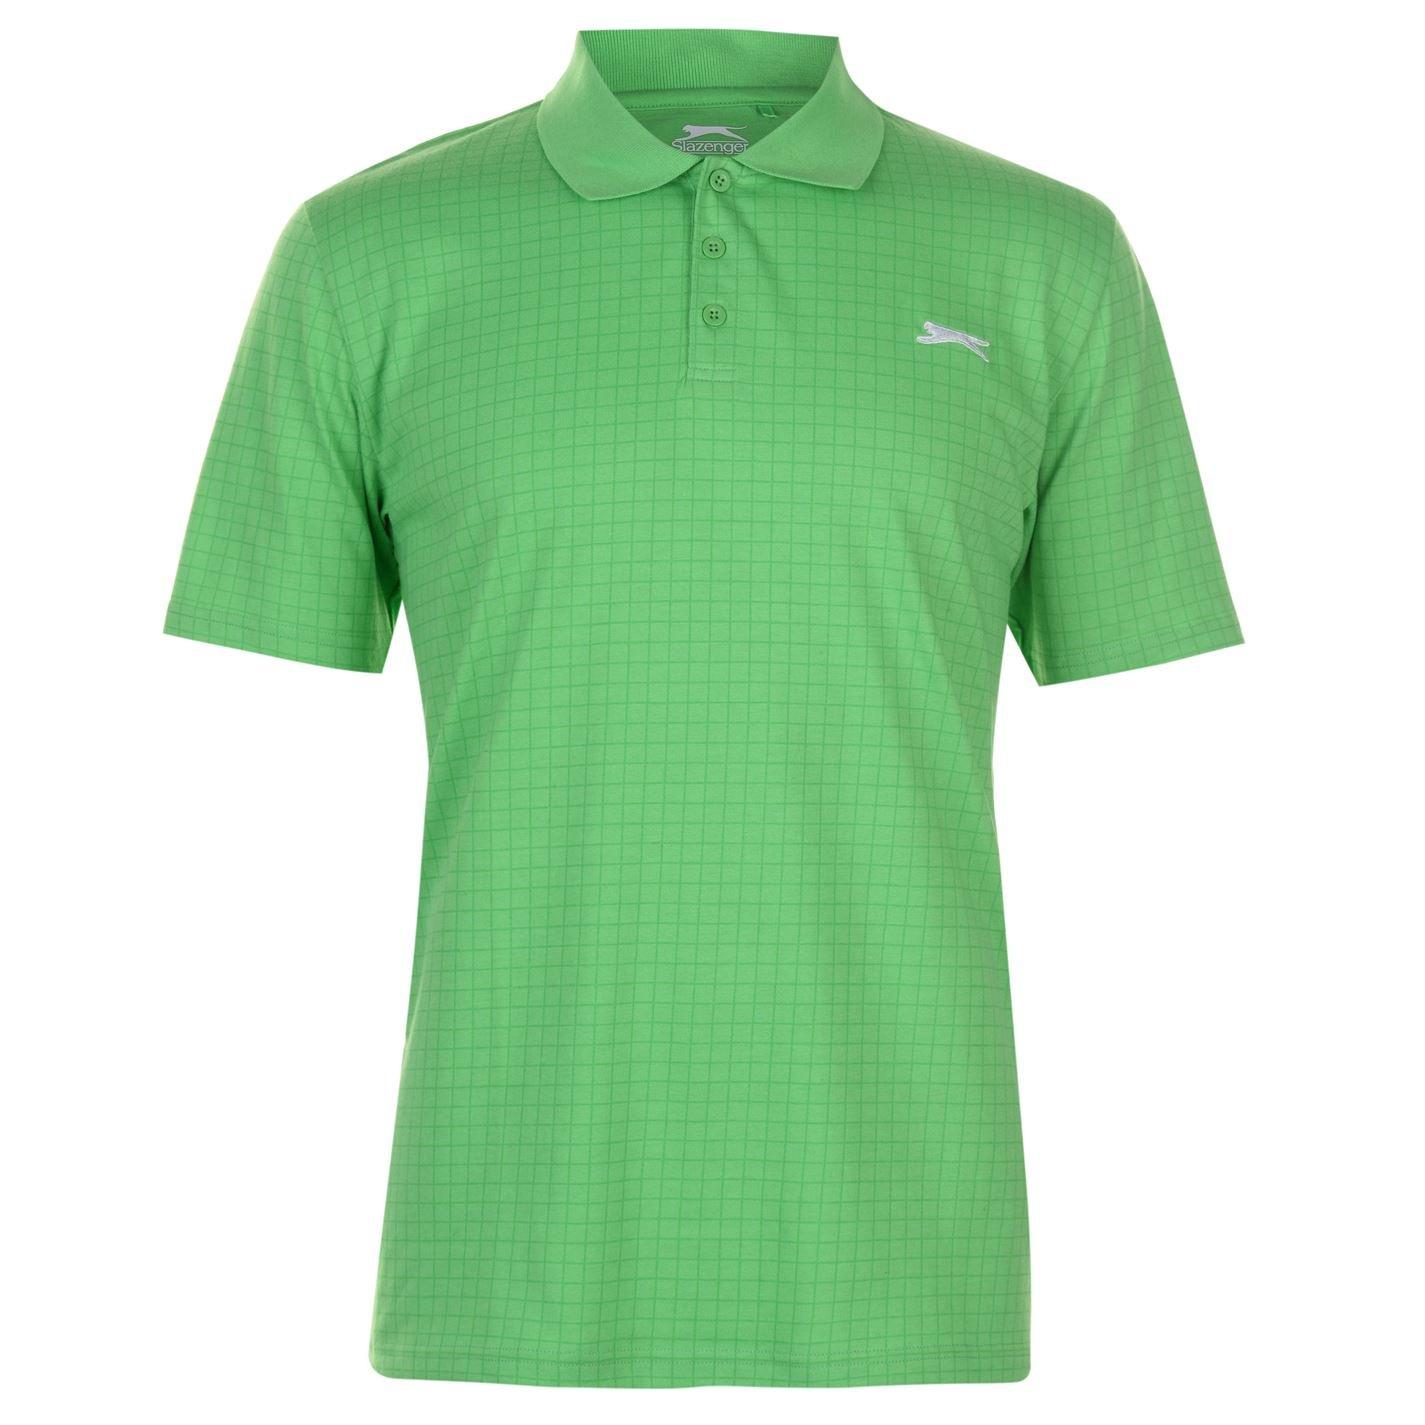 Slazenger Slazenger Slazenger Herren-Poloshirt, kurzarm B07J5FW8WR Poloshirts Primäre Qualität 9e3289